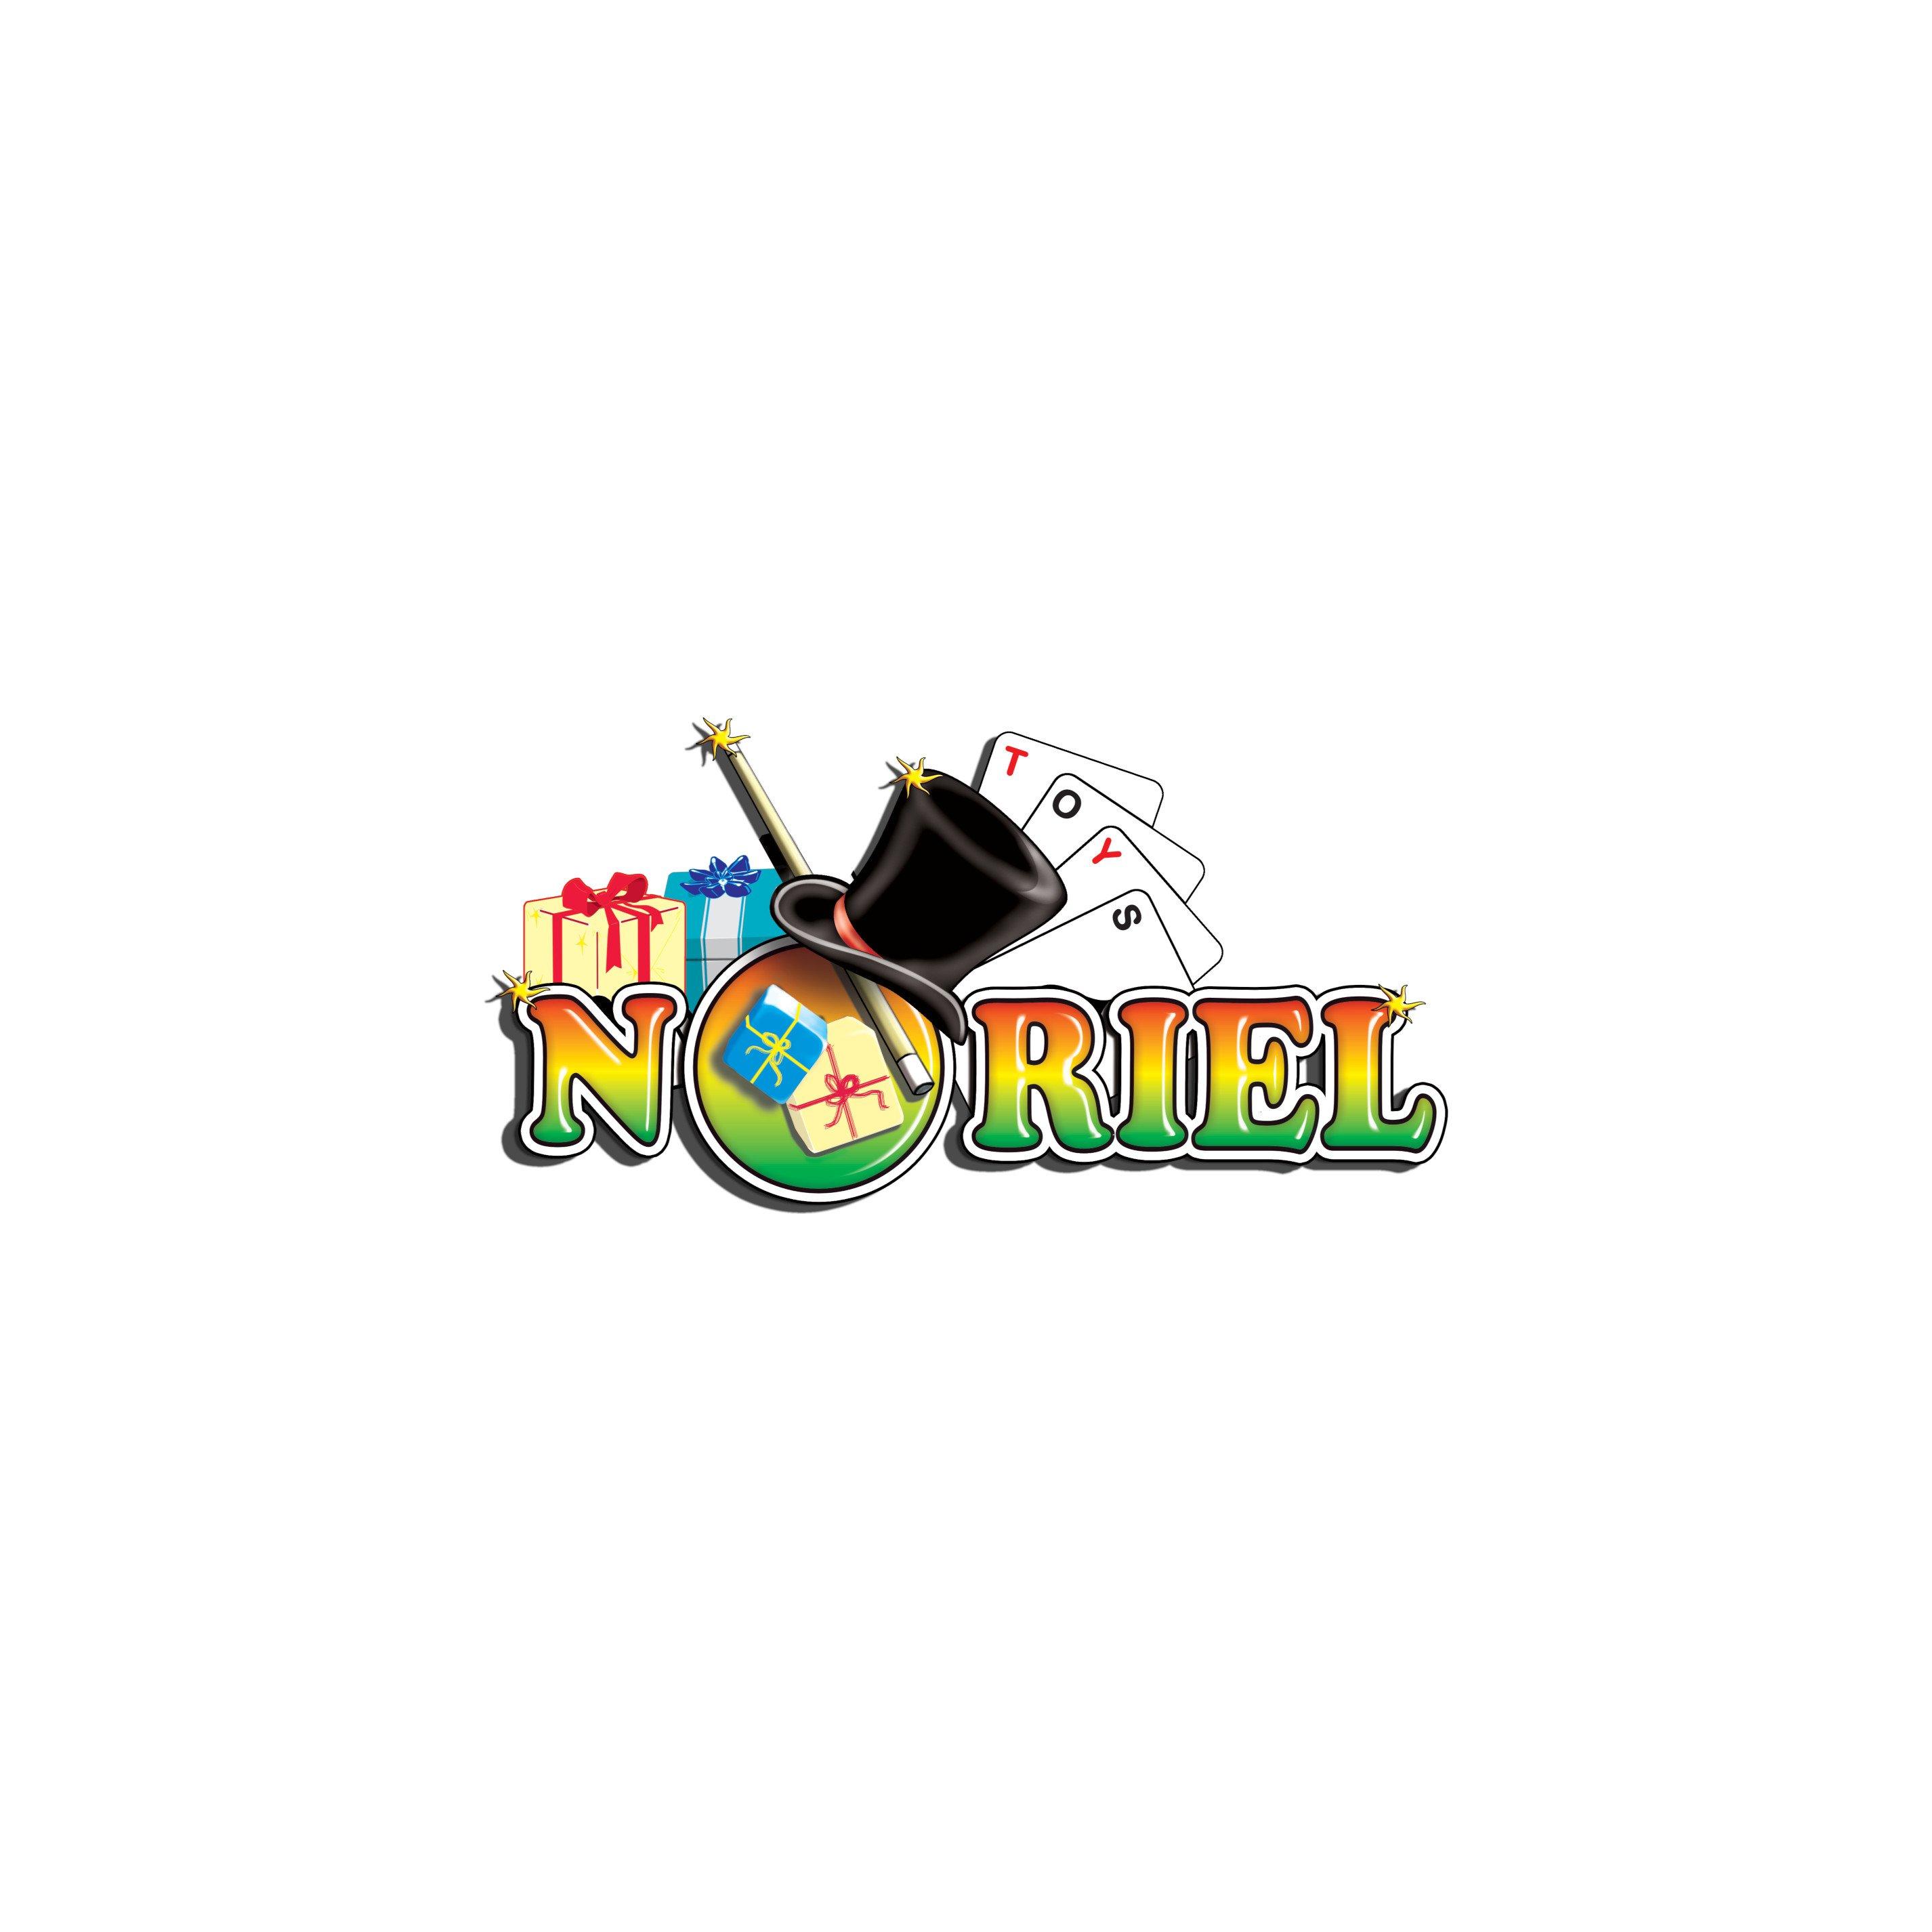 WD1700176_001 Jucarie de plus Winnie the Pooh Disney, 25 cm